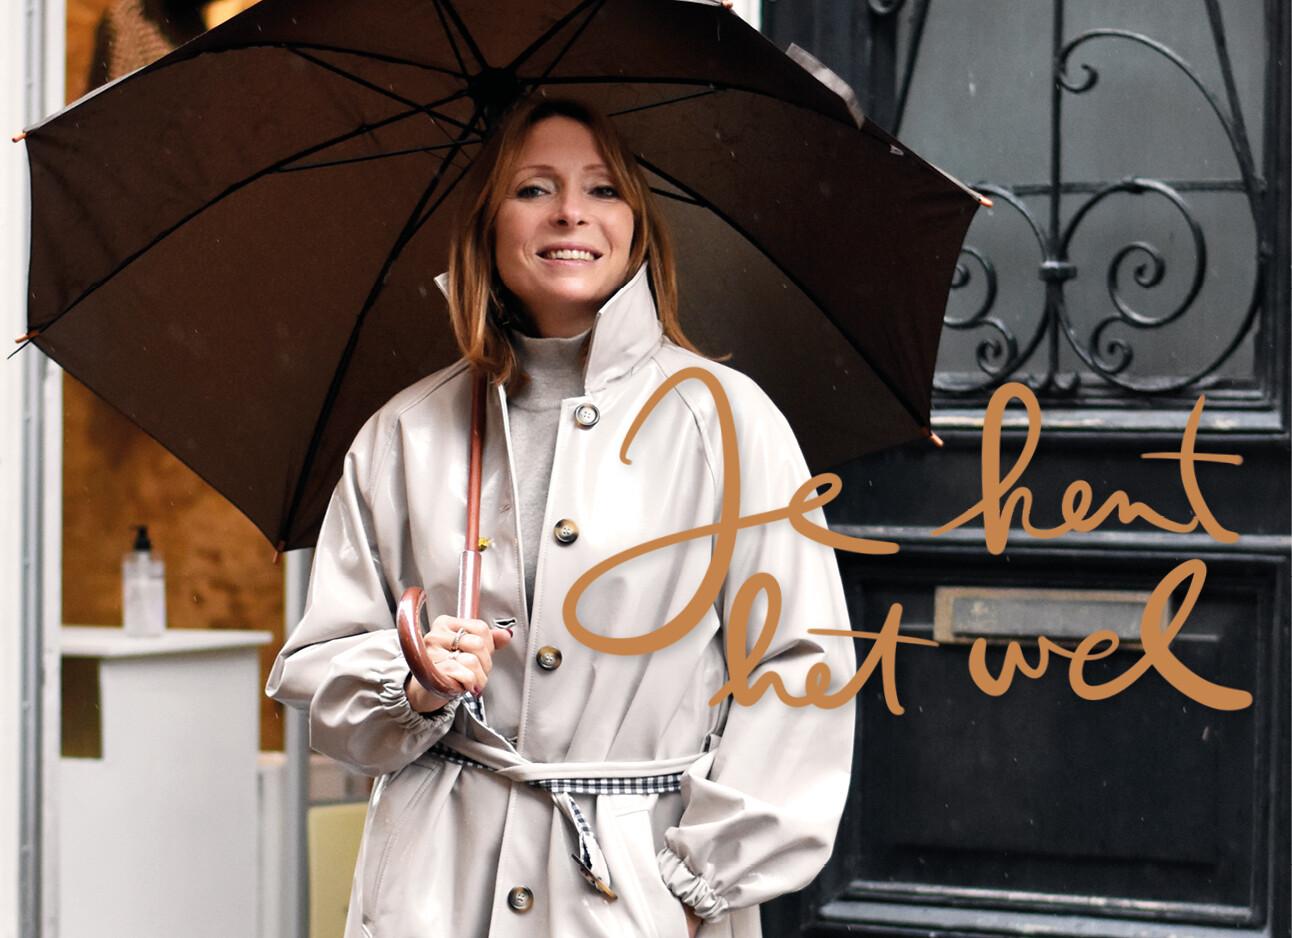 May-Britt Mobach onder paraplu